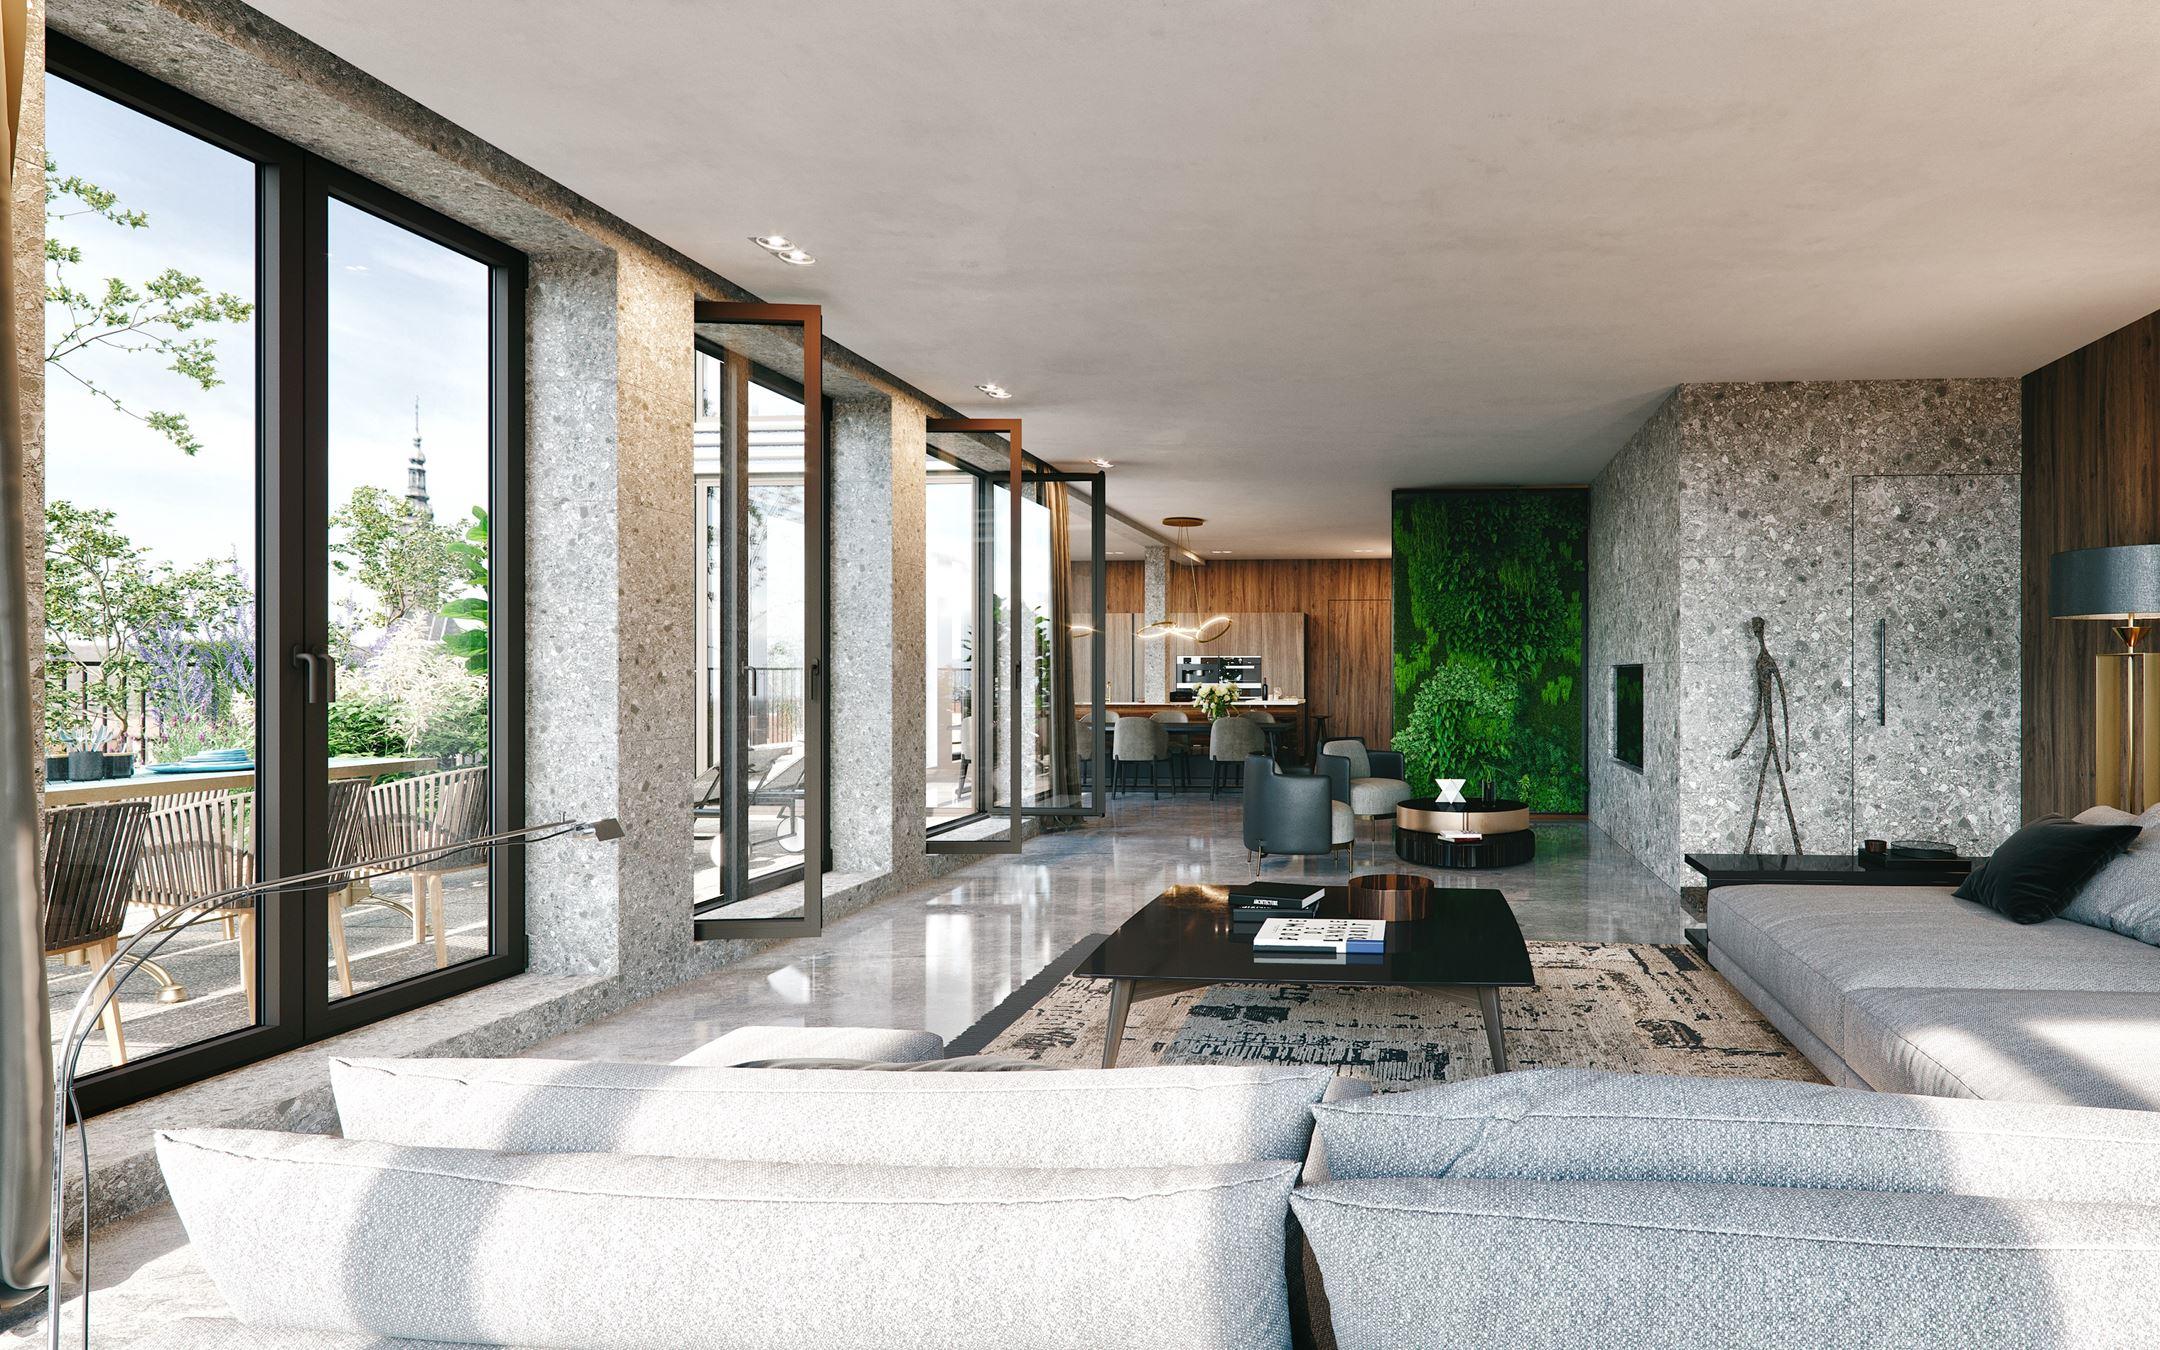 Mercado Groningen interieur impressie special appartement in italiaanse sfeer